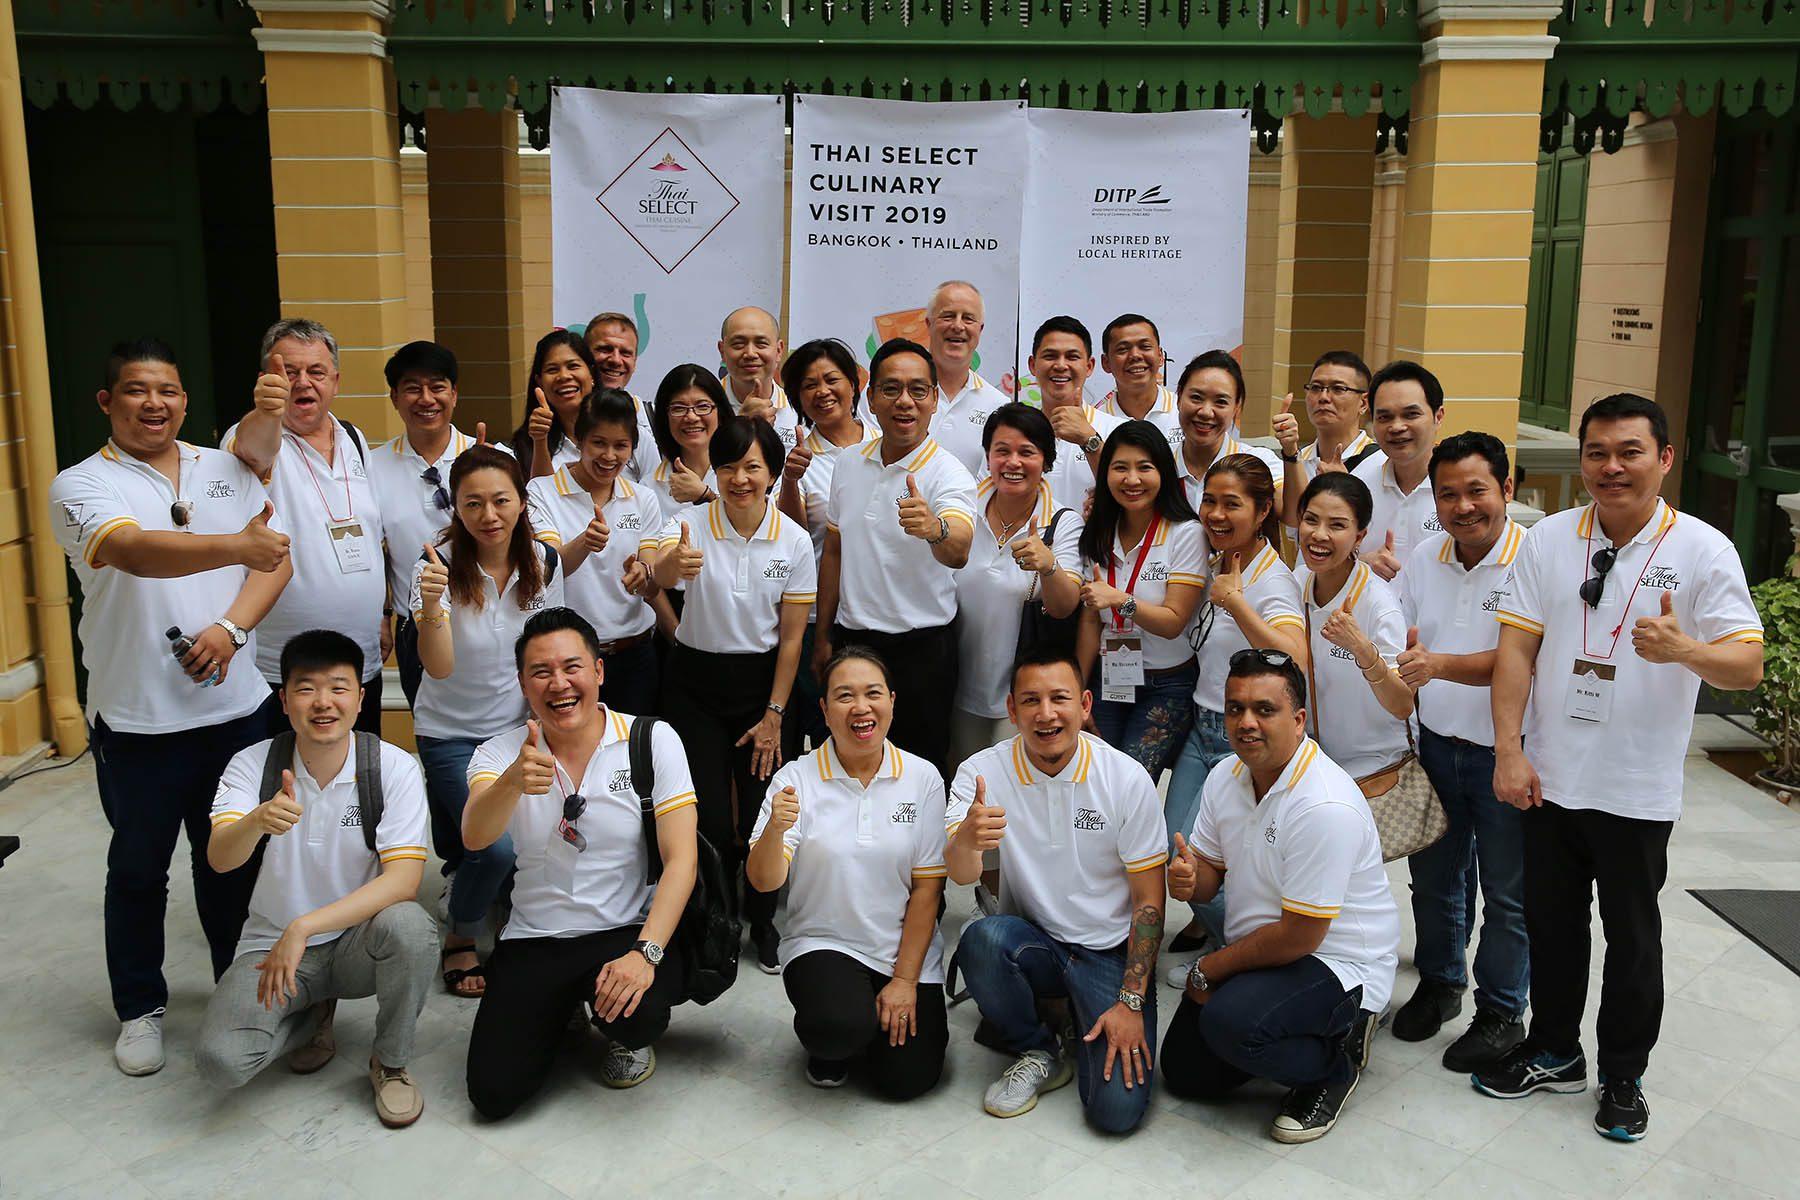 ฟังเชฟไทยแนะข้อคิดปรับใช้กับร้านอาหารไทยในต่างแดน